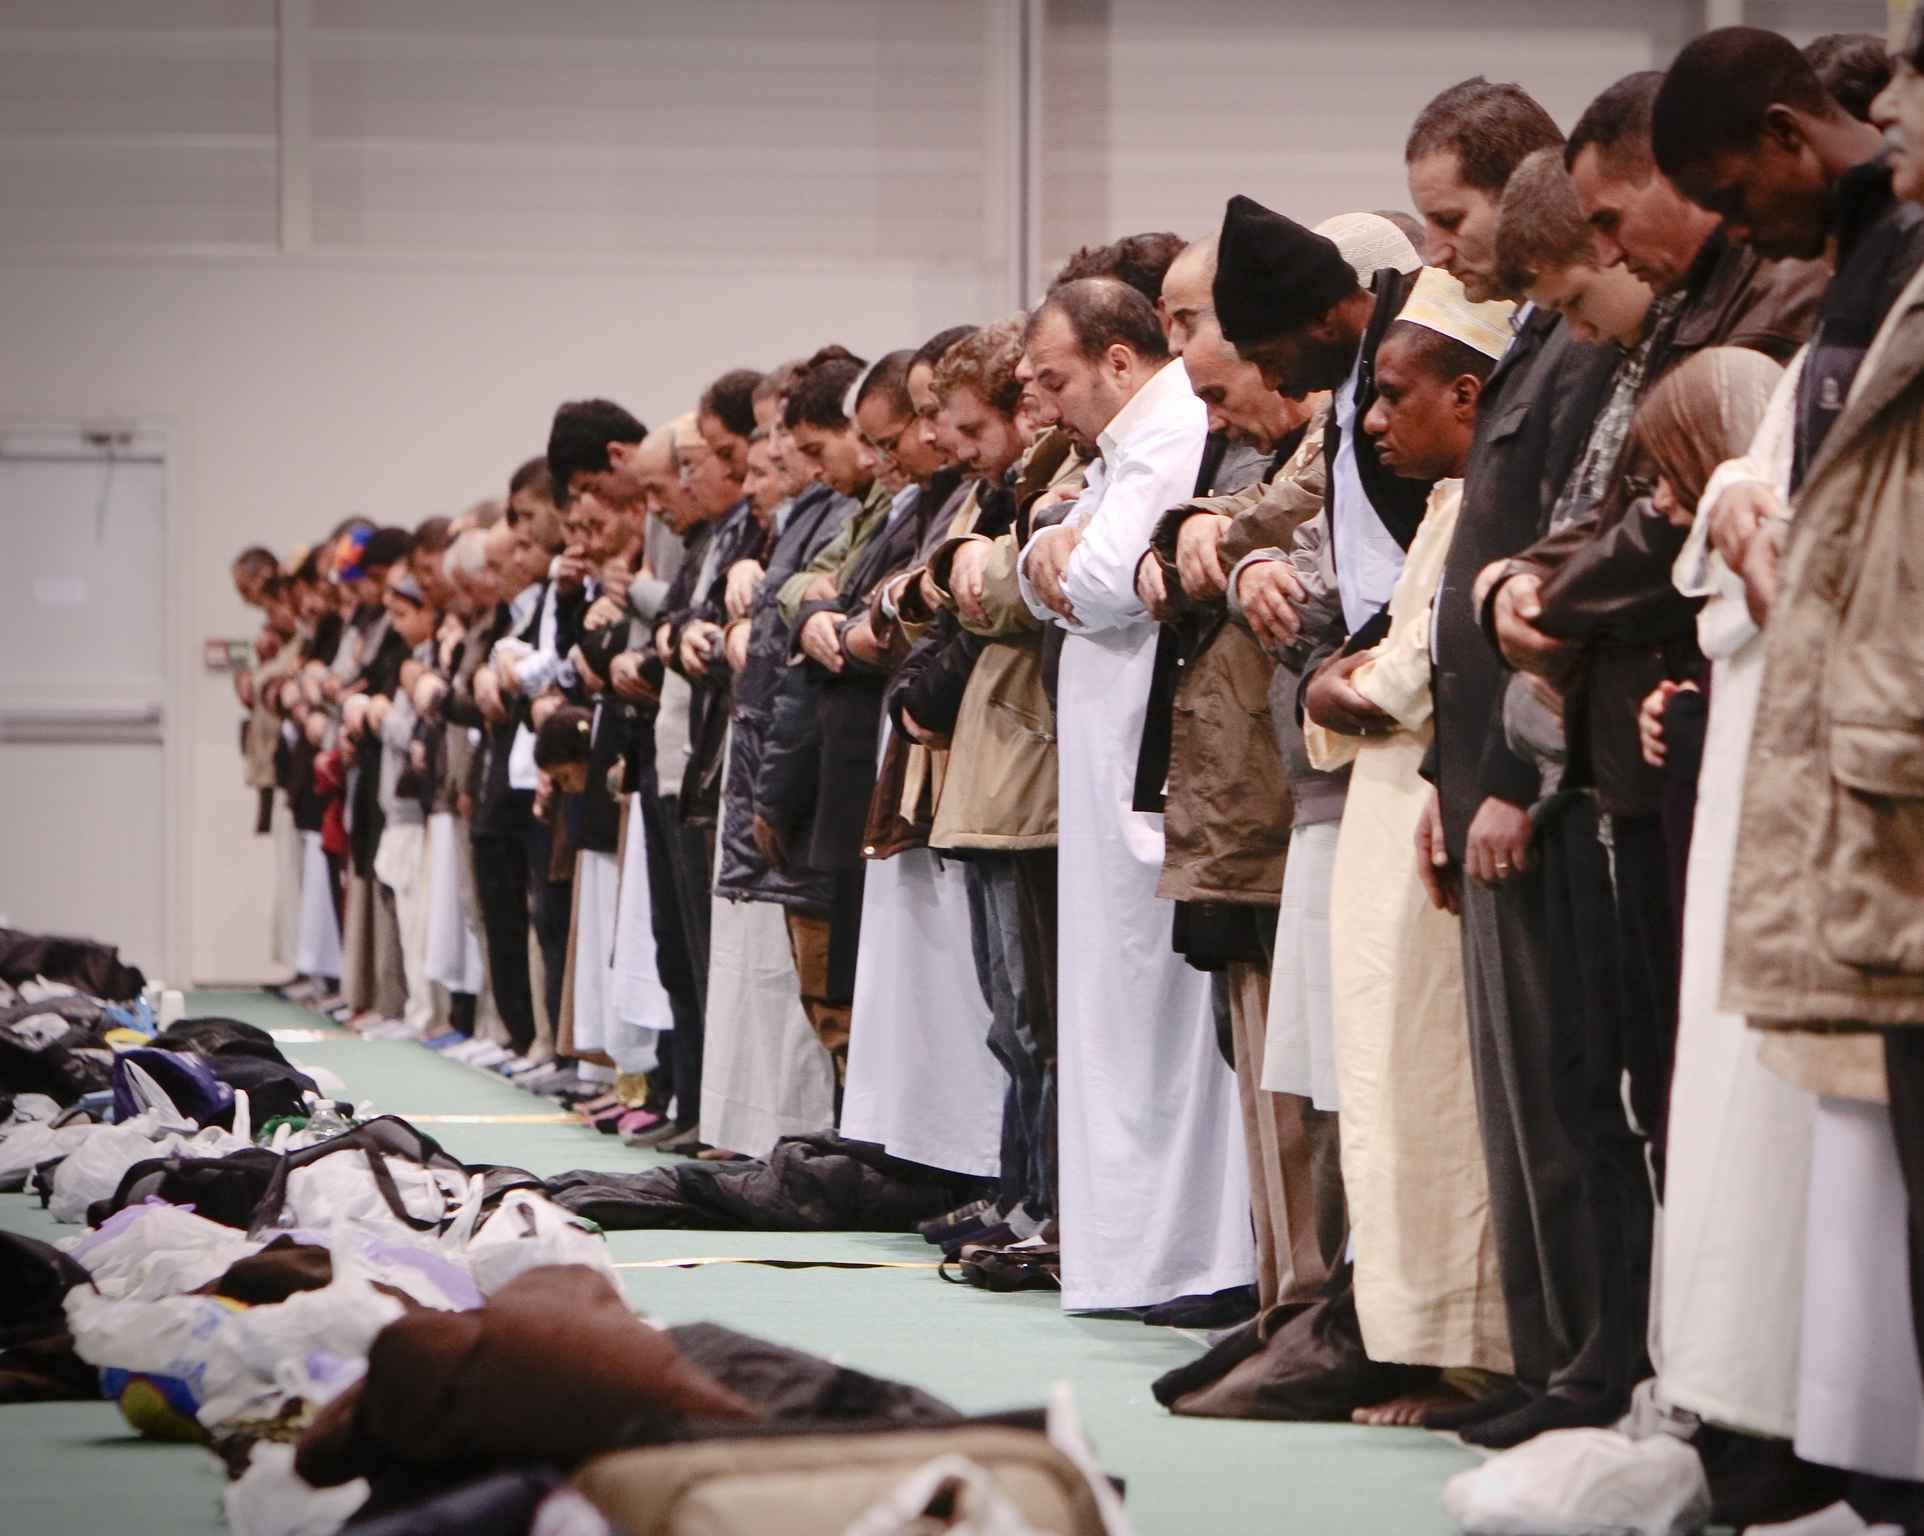 Évacuation d'une mosquée occupée illégalement — Clichy-la-Garenne